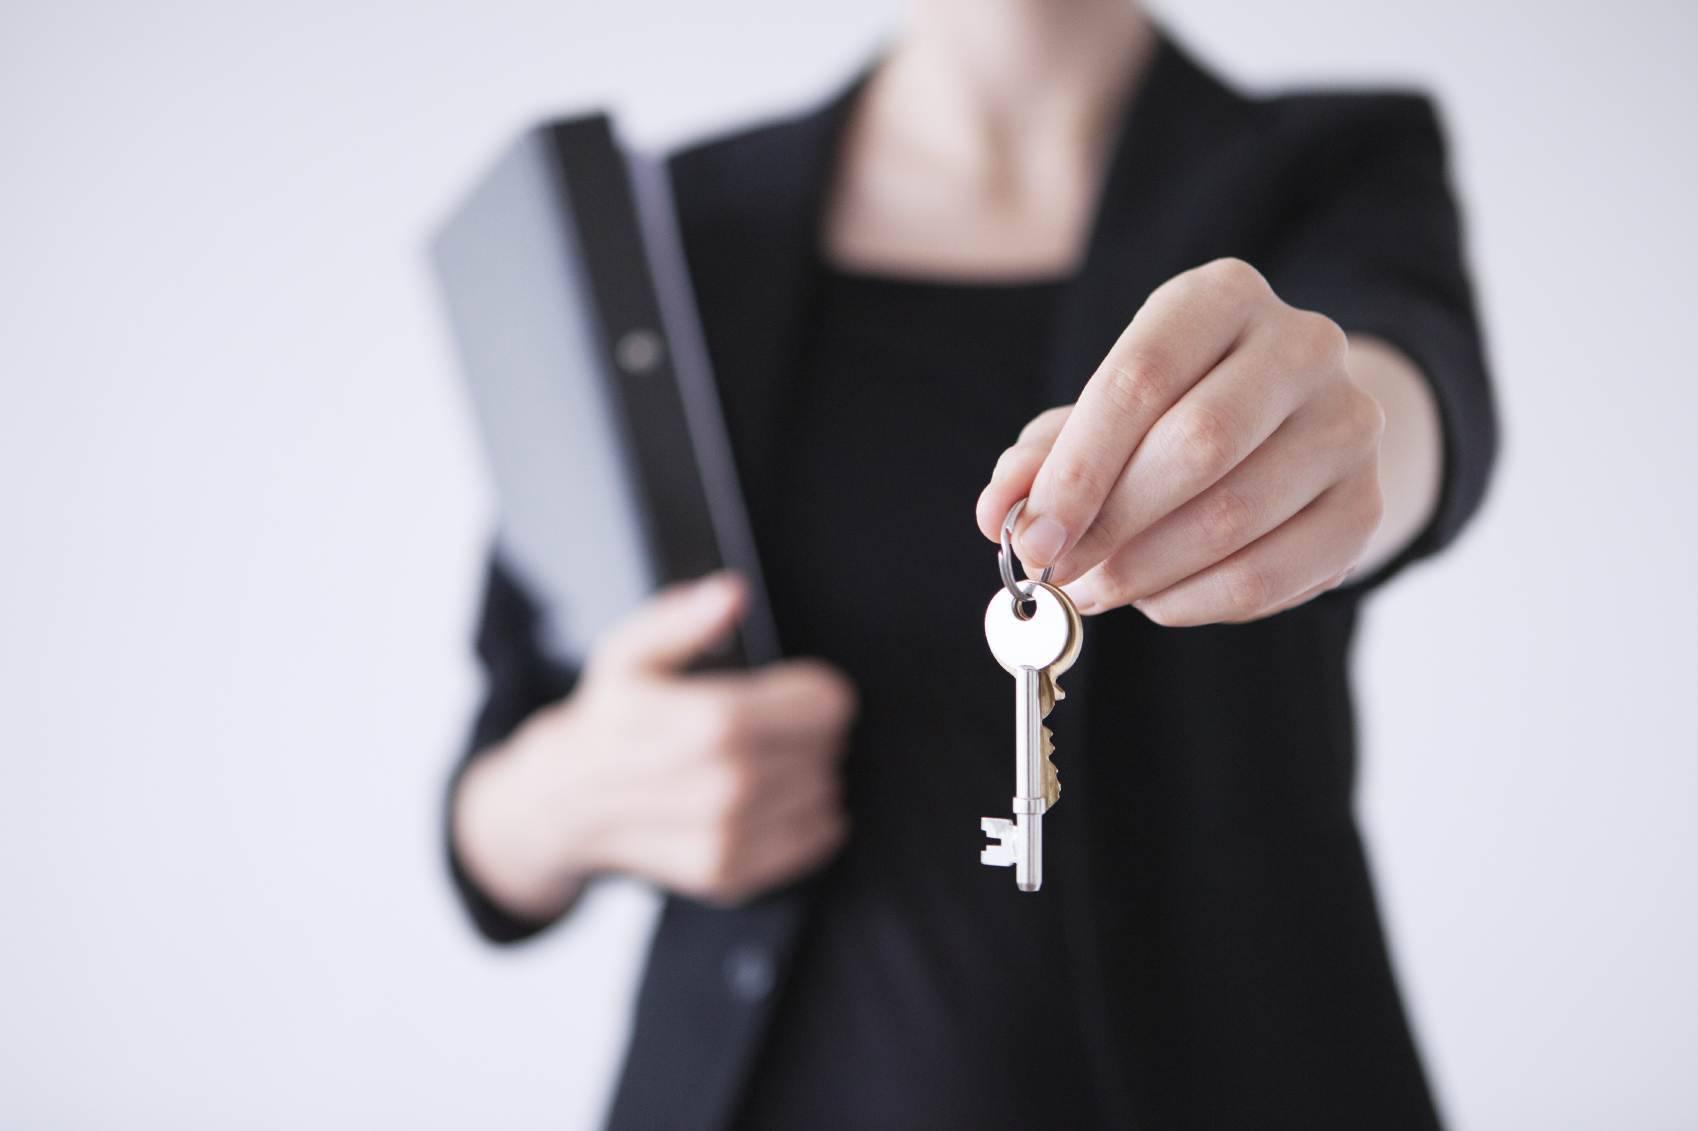 Tout savoir sur les obligations du propri taire - Obligation d un proprietaire envers son locataire ...